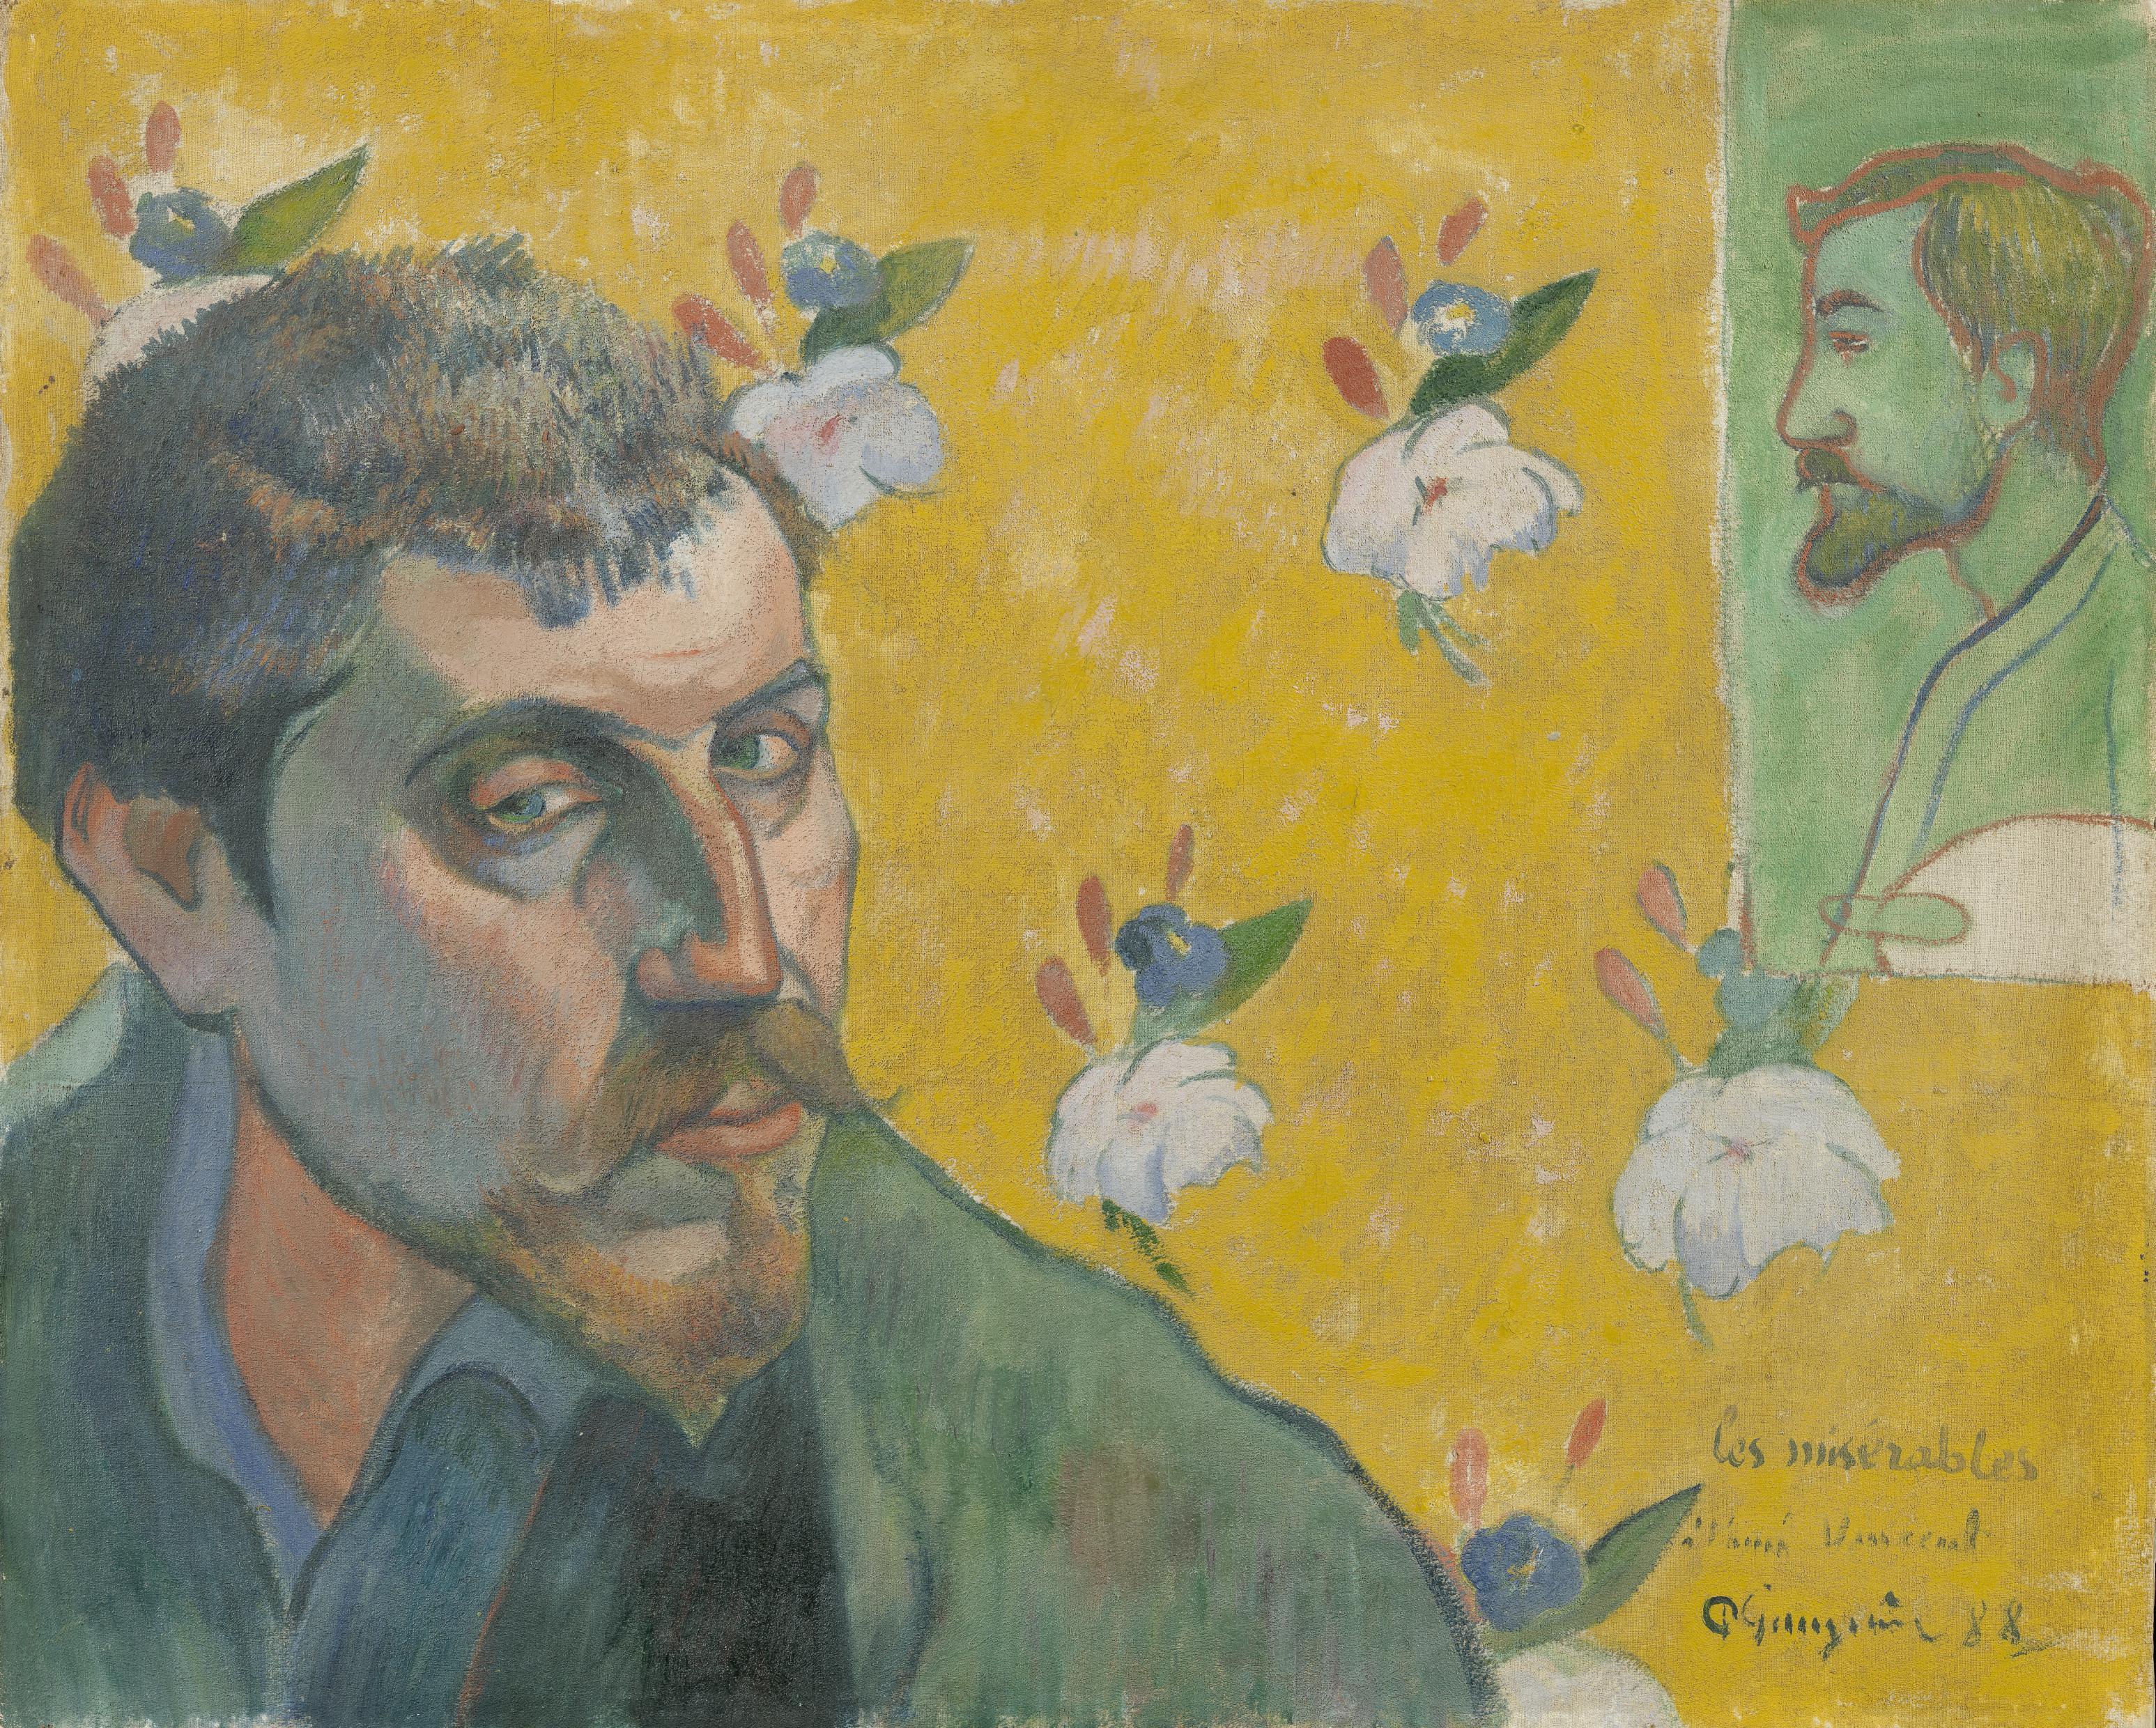 Autorretrato de Gauguin con el retrato de Bernard